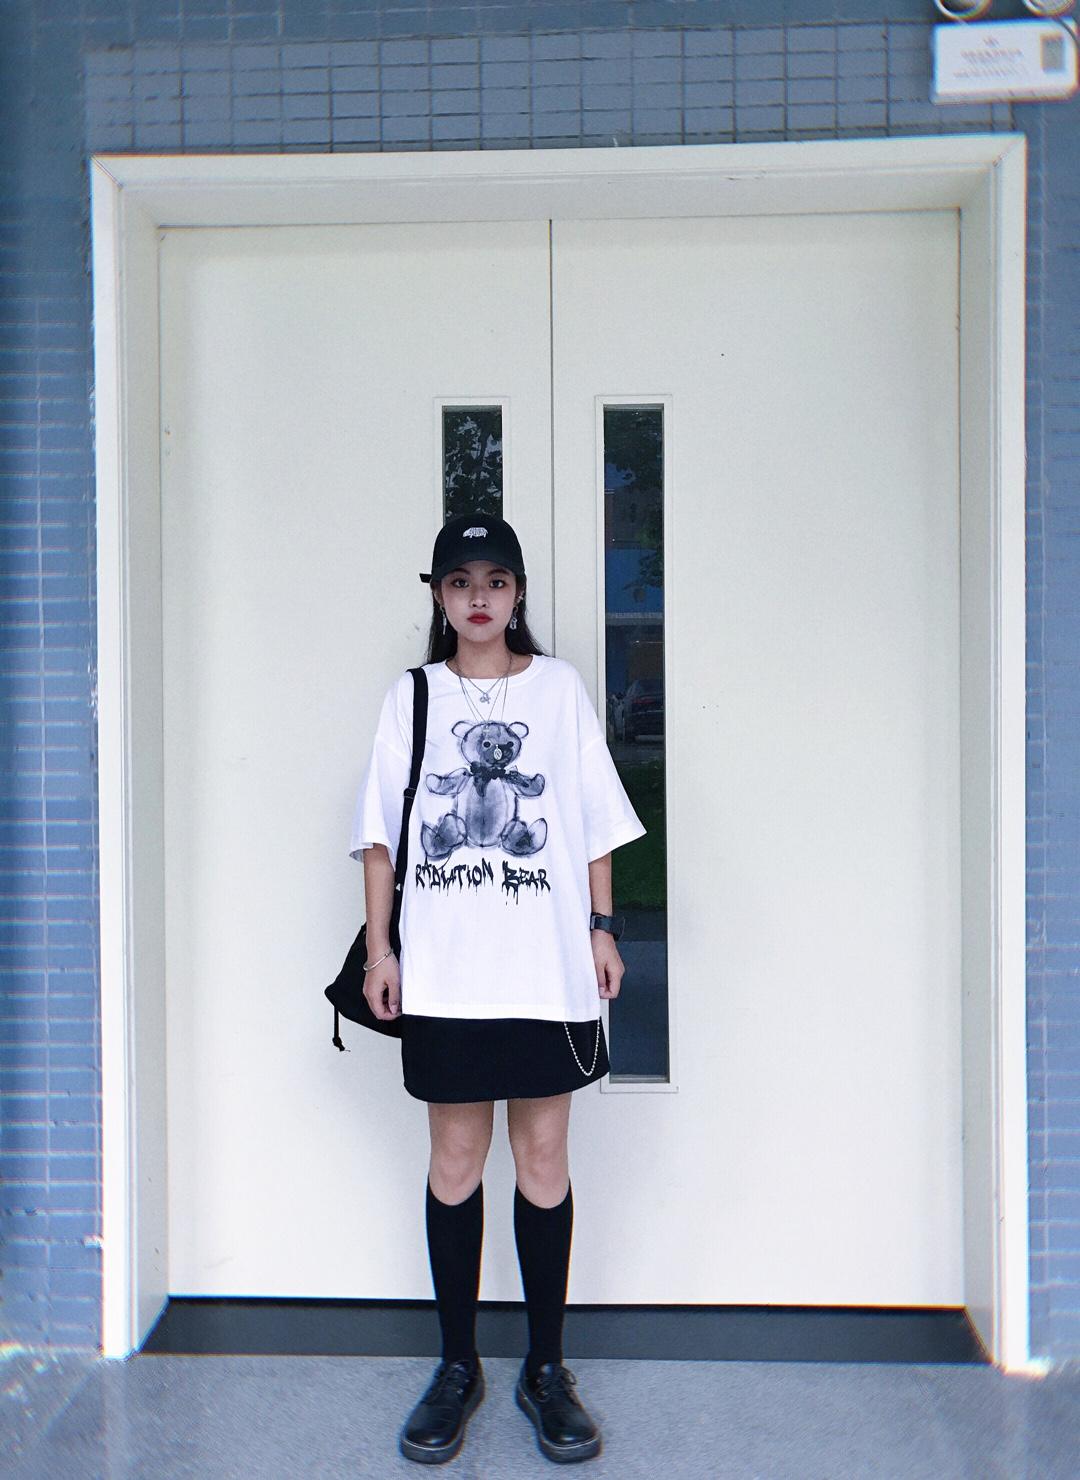 """最近真的很流行小熊t 搭上短裙跟长袜 变身酷女孩噢ꉂ ೭(˵¯̴͒ꇴ¯̴͒˵)౨"""" #六一少女感穿搭,猜猜我几岁?#"""